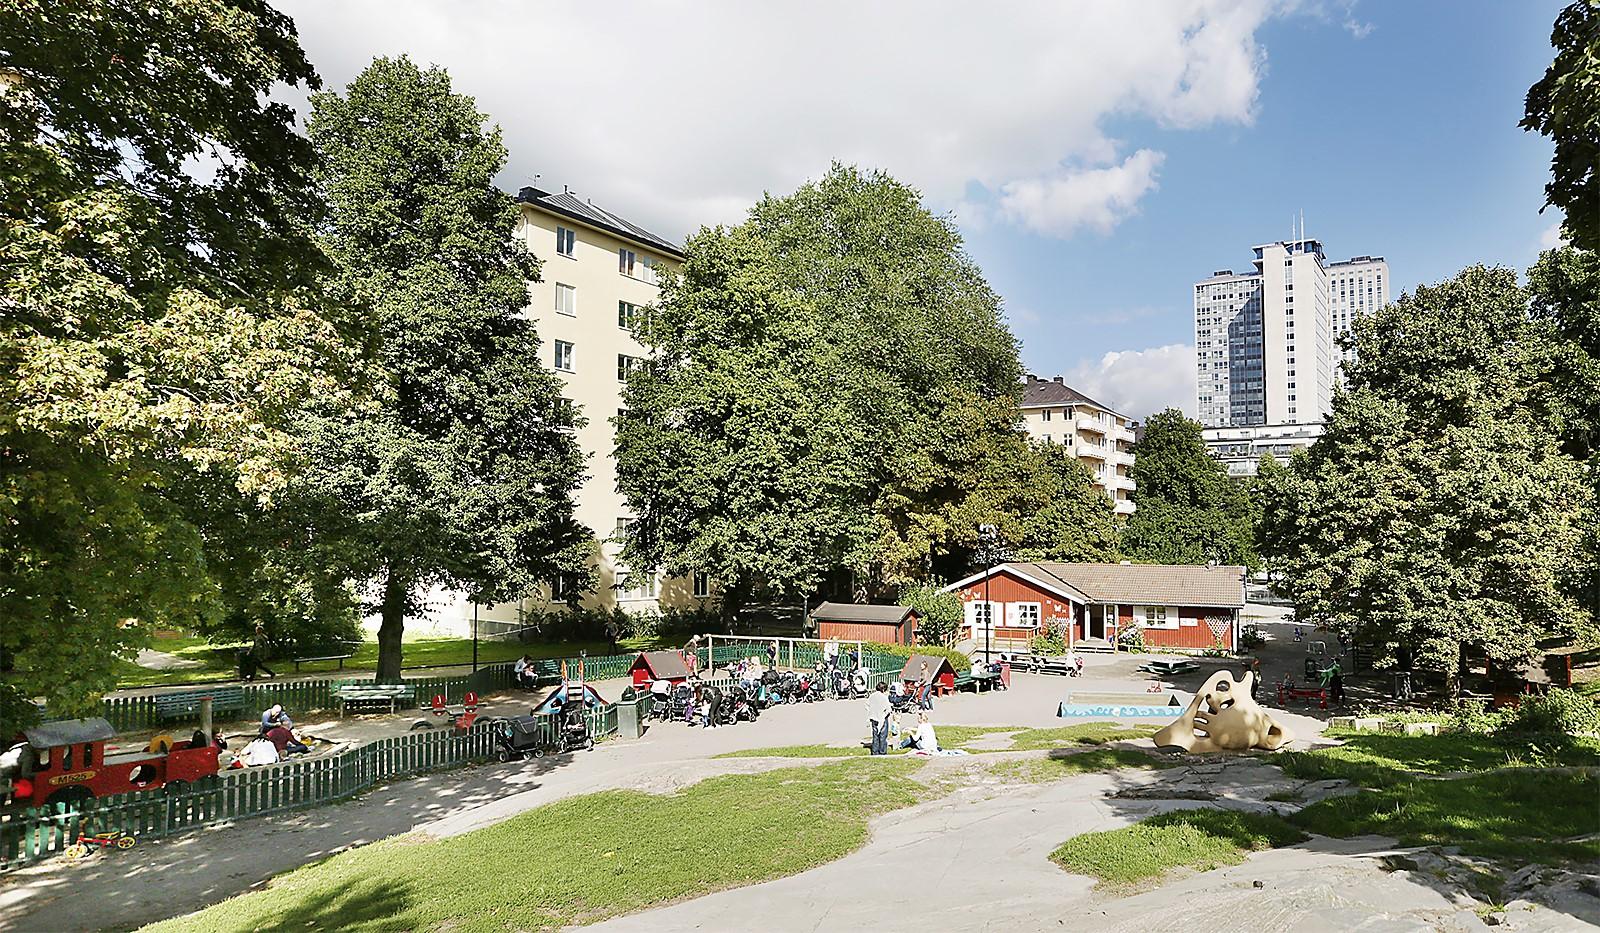 Åsögatan 106 - Rosenlundsparken även kallad Skånegläntan